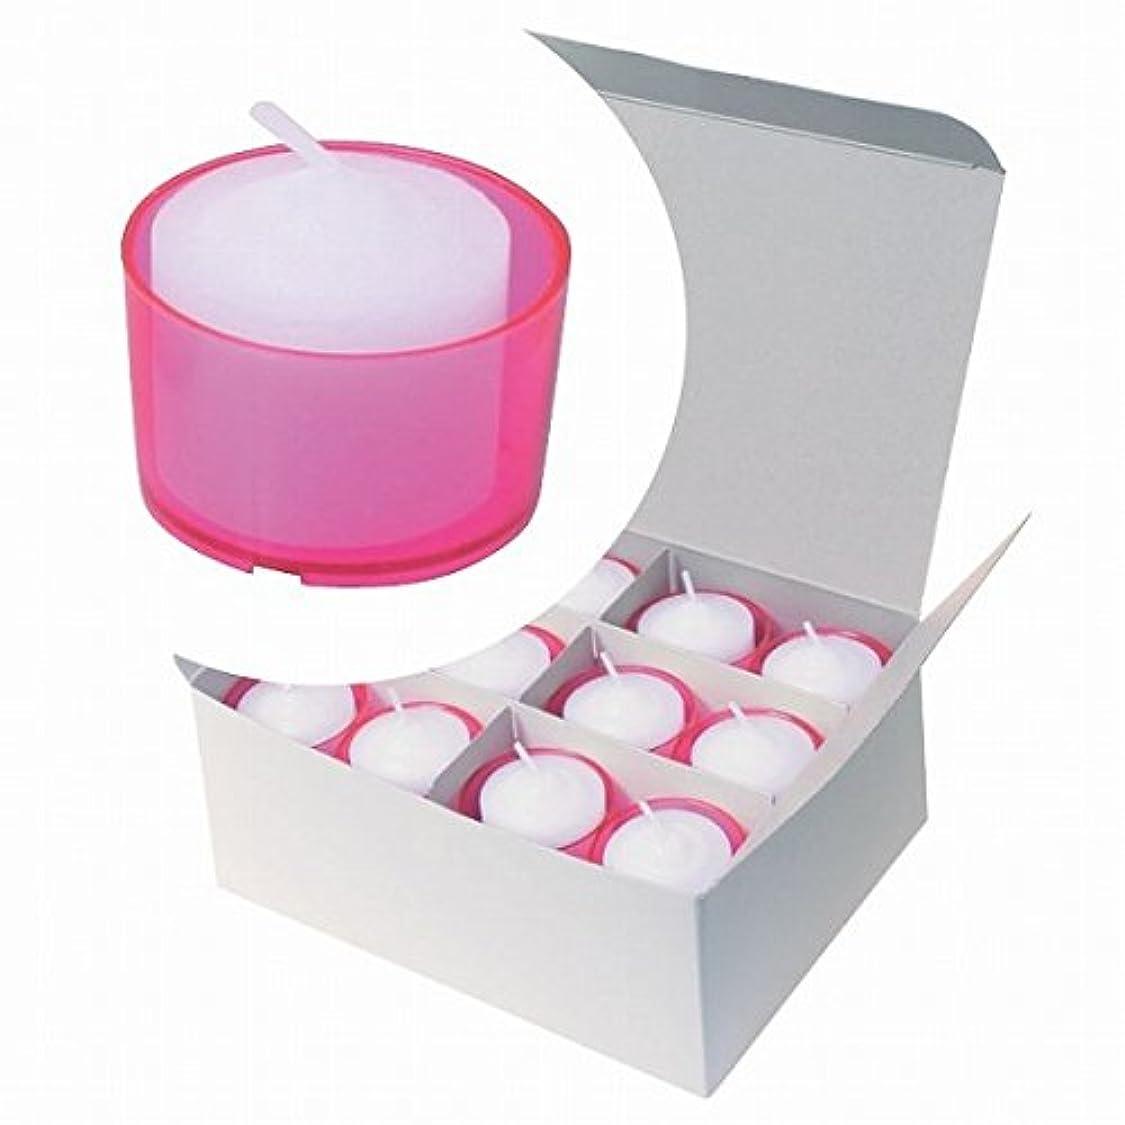 遅れしなければならない公式カメヤマキャンドル(kameyama candle) カラークリアカップボーティブ6時間タイプ 24個入り 「 ピンク 」